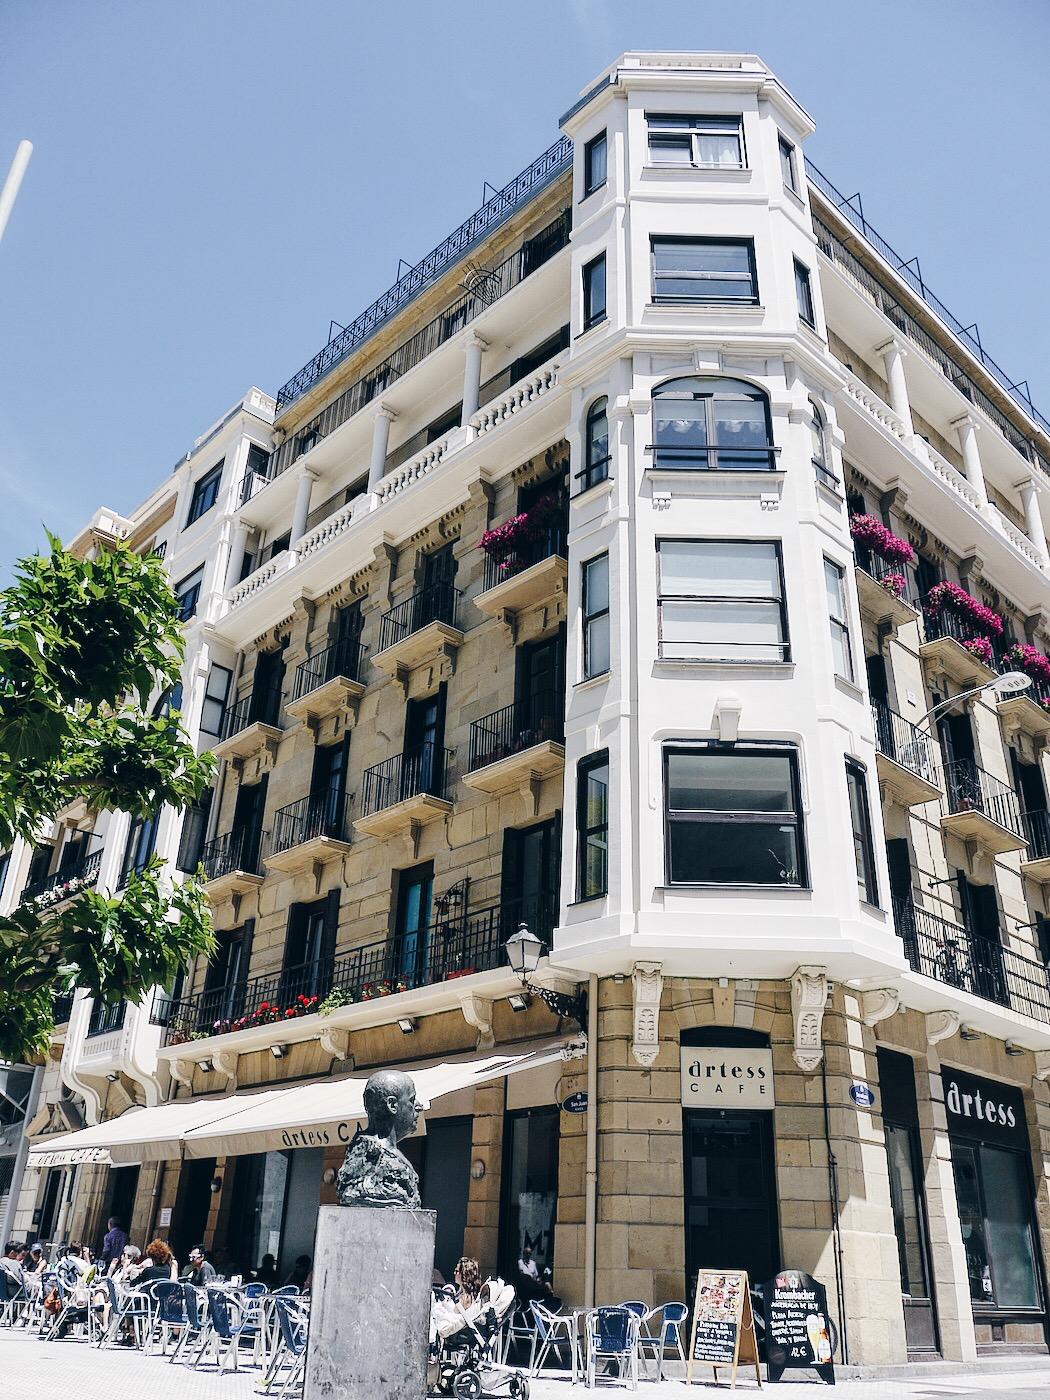 Café in San Sebastián